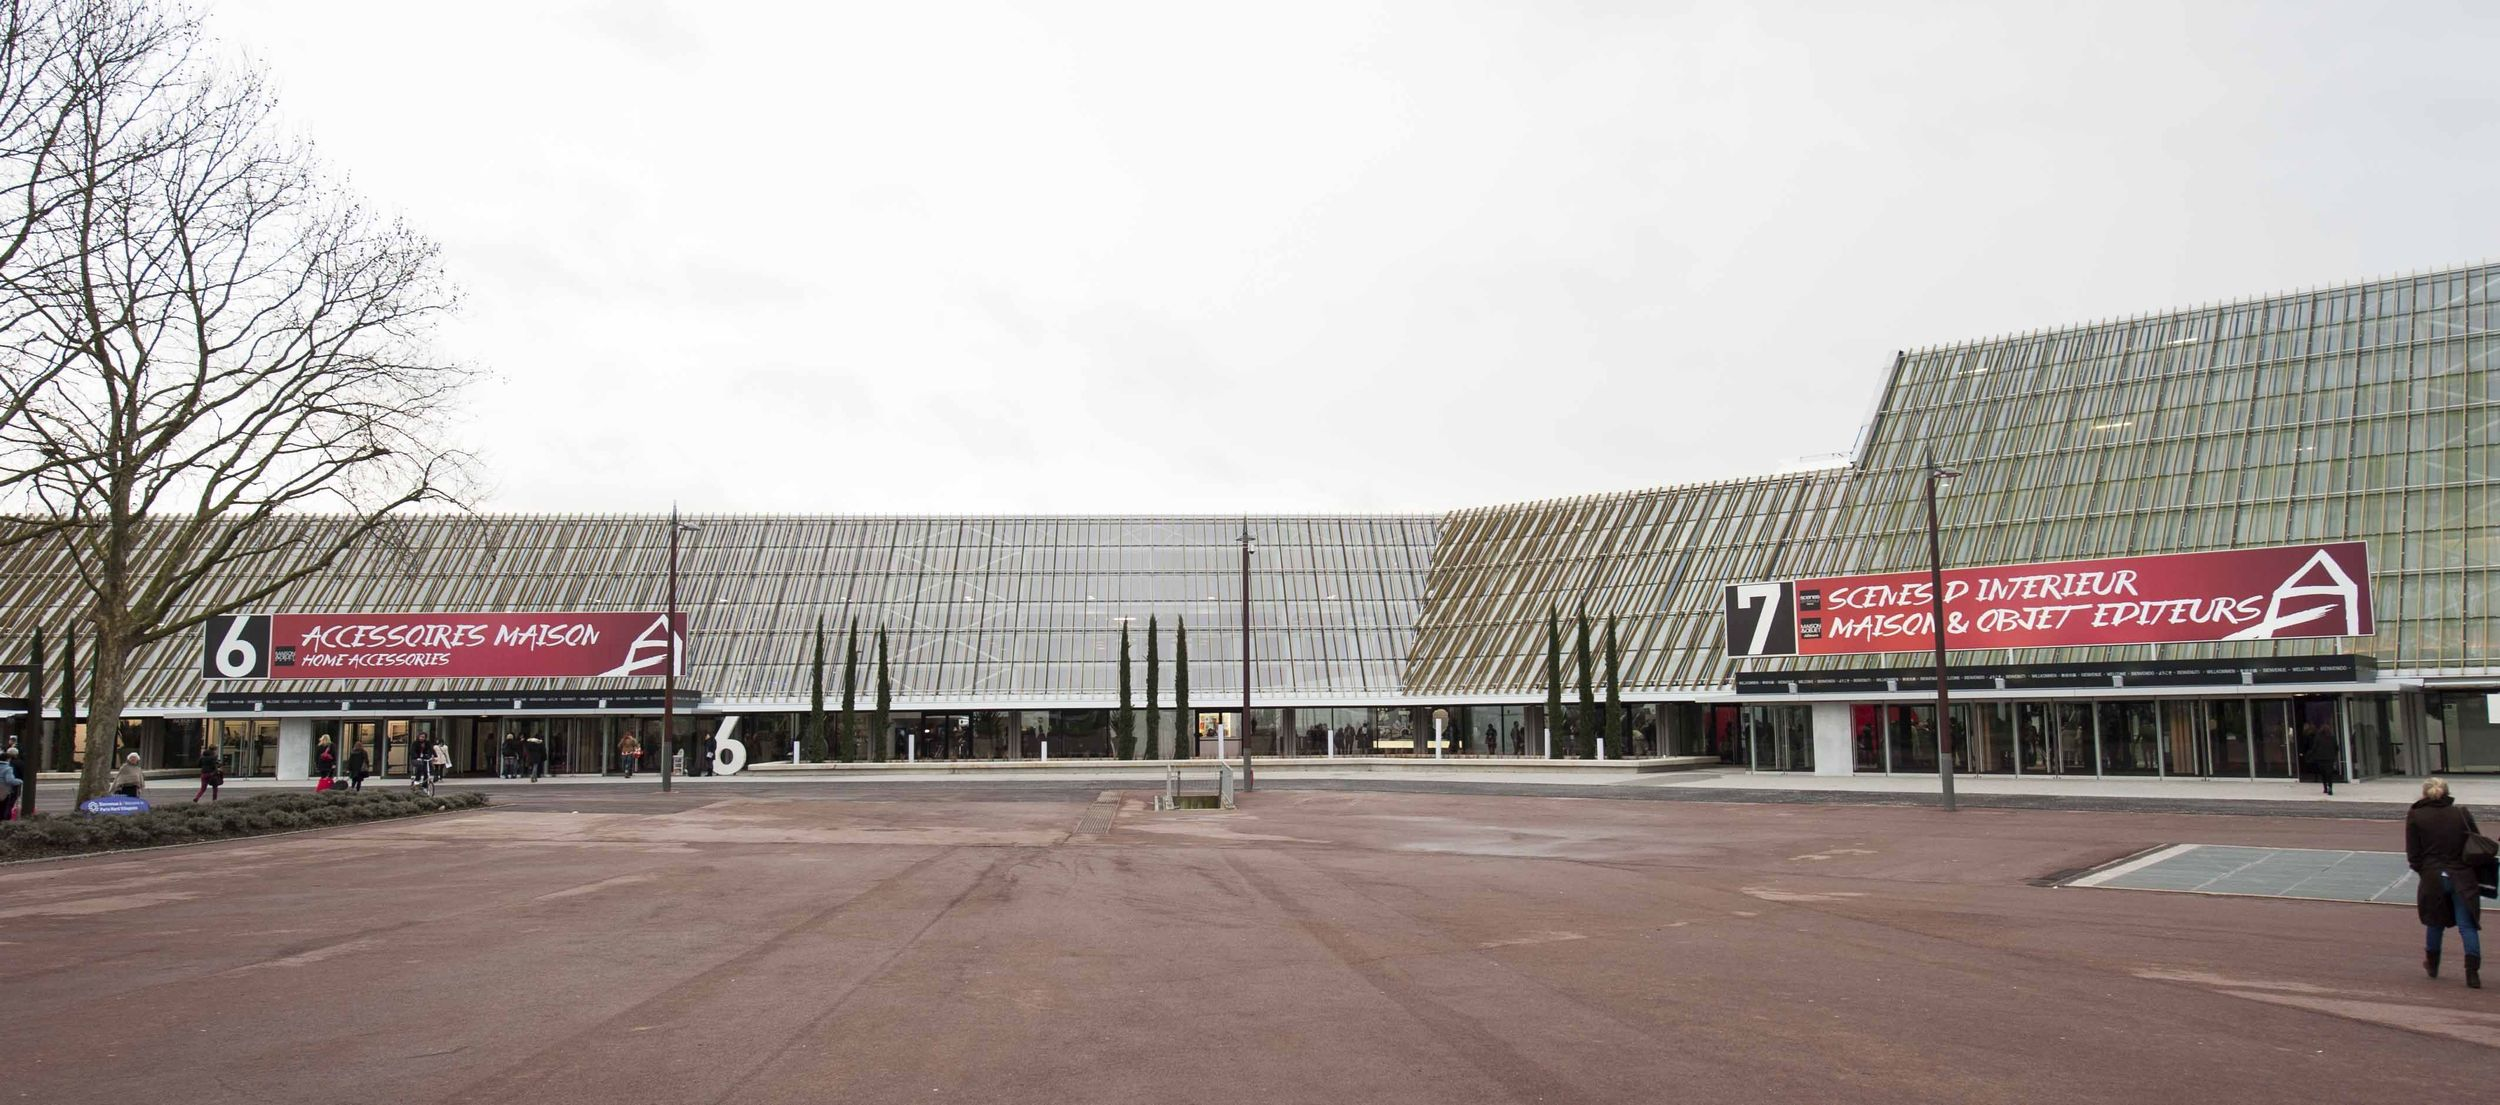 paris nord villepinte inaugure l 39 extension de la galerie d 39 accueil. Black Bedroom Furniture Sets. Home Design Ideas